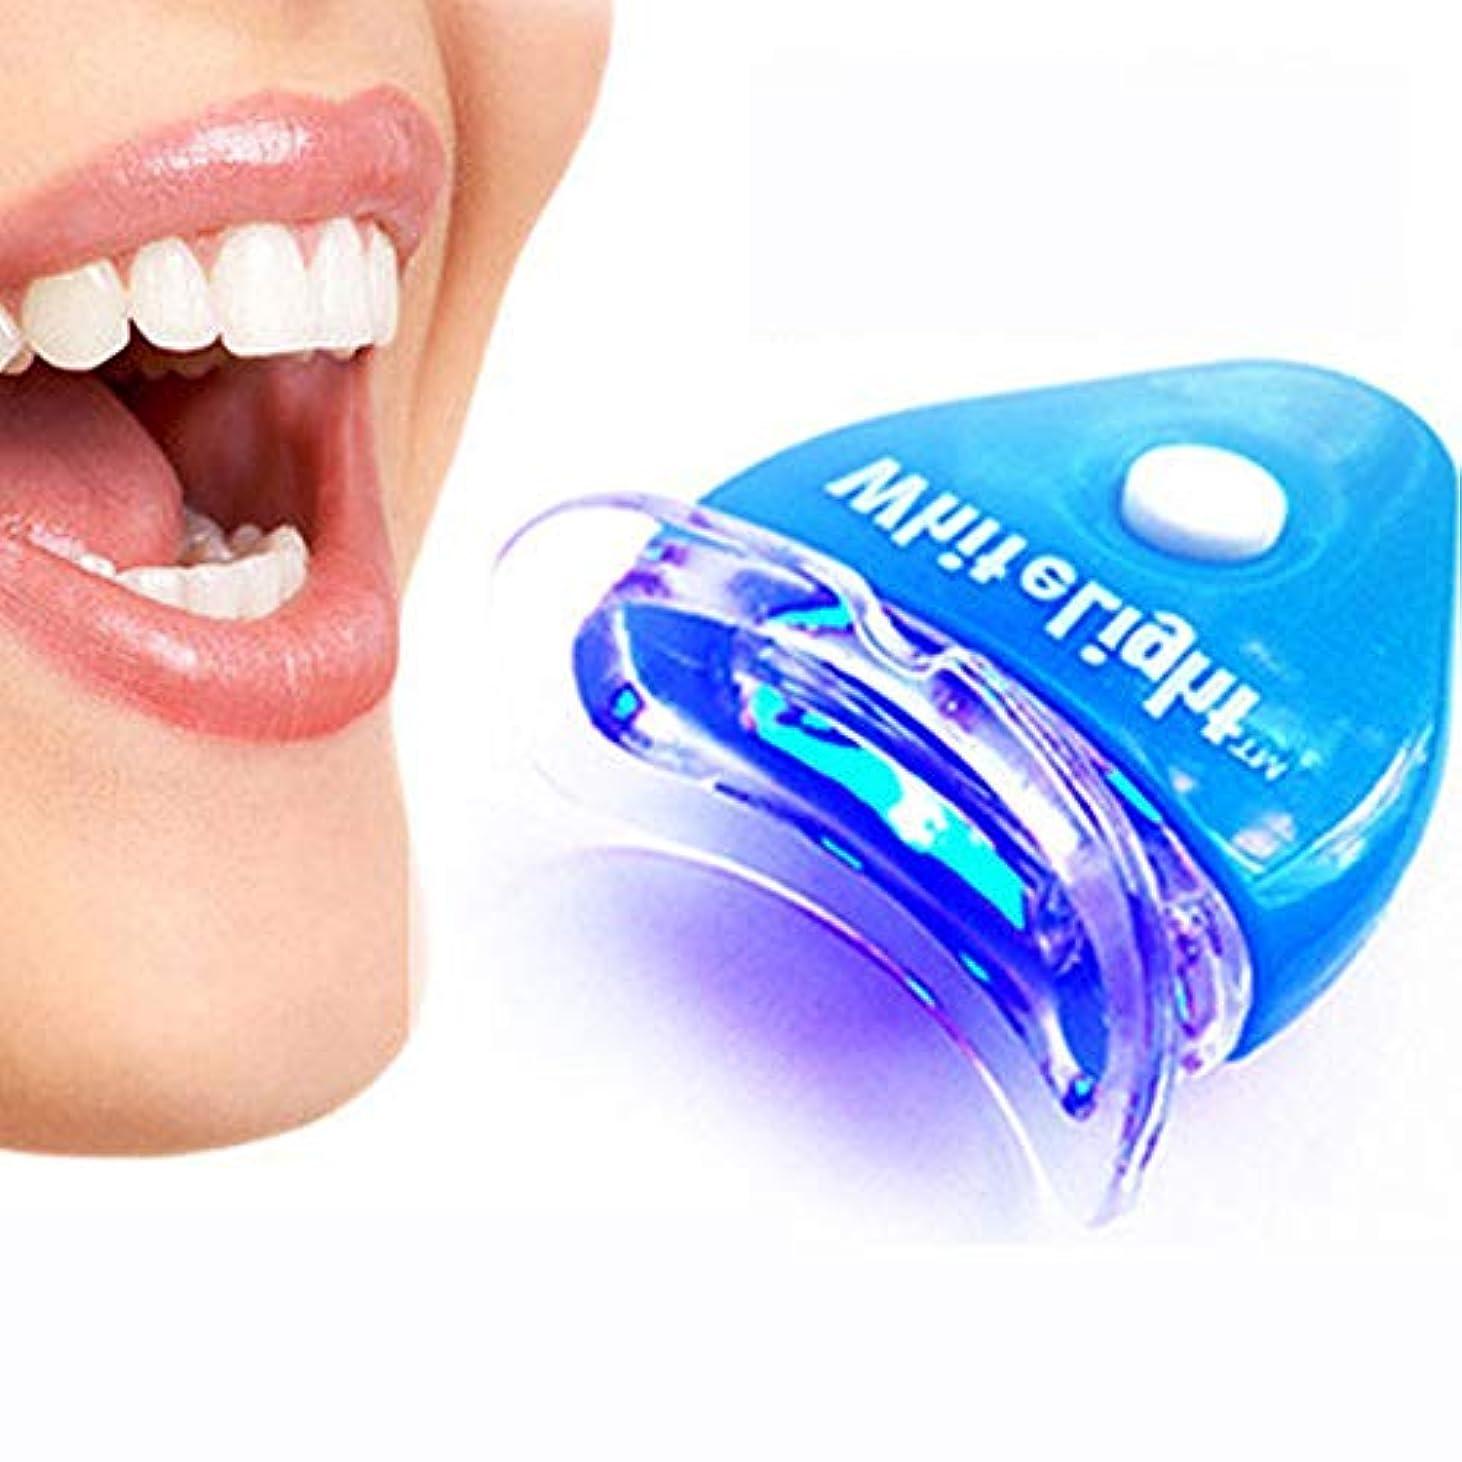 デンマーク語調整リップIPO 歯ホワイトニング器 歯美白器 美歯器 歯 ホワイトニング ホワイトナー ケア 歯の消しゴム 歯科機器 口腔ゲルキット ブルー